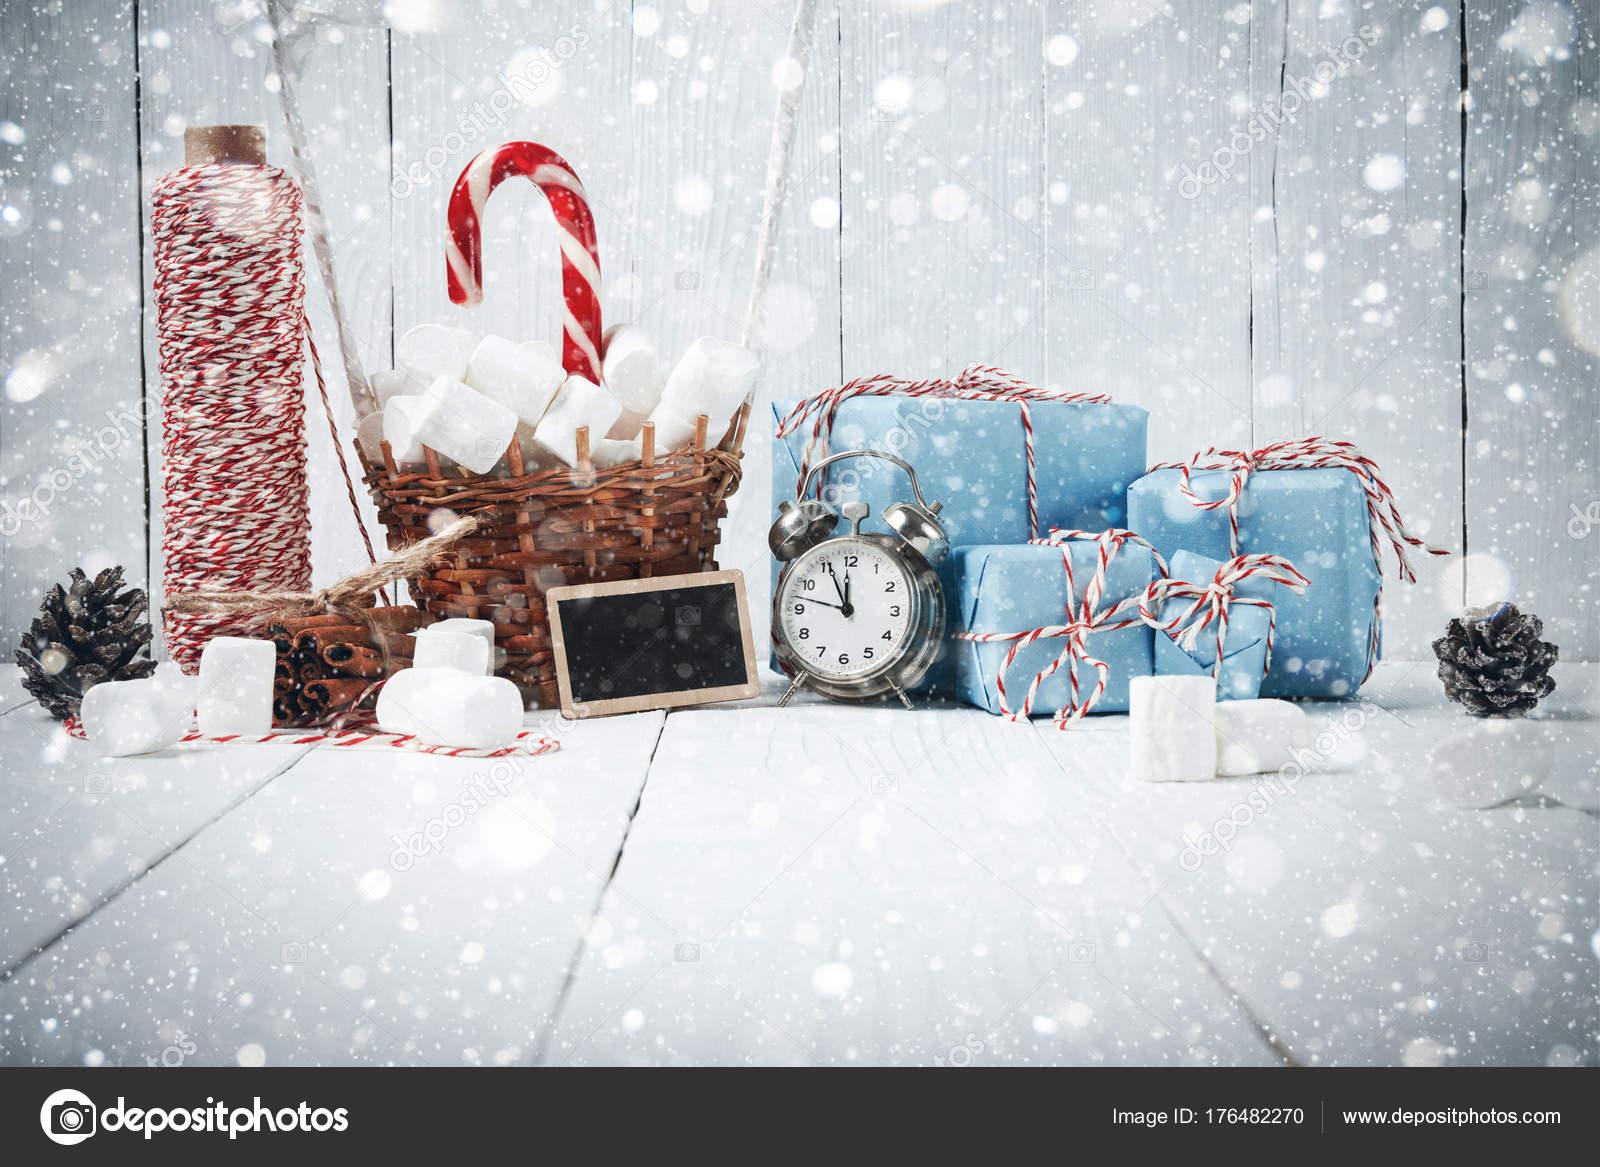 Weihnachten-Neujahr Zusammensetzung Tanne Äste Zimt Vintage gif ...